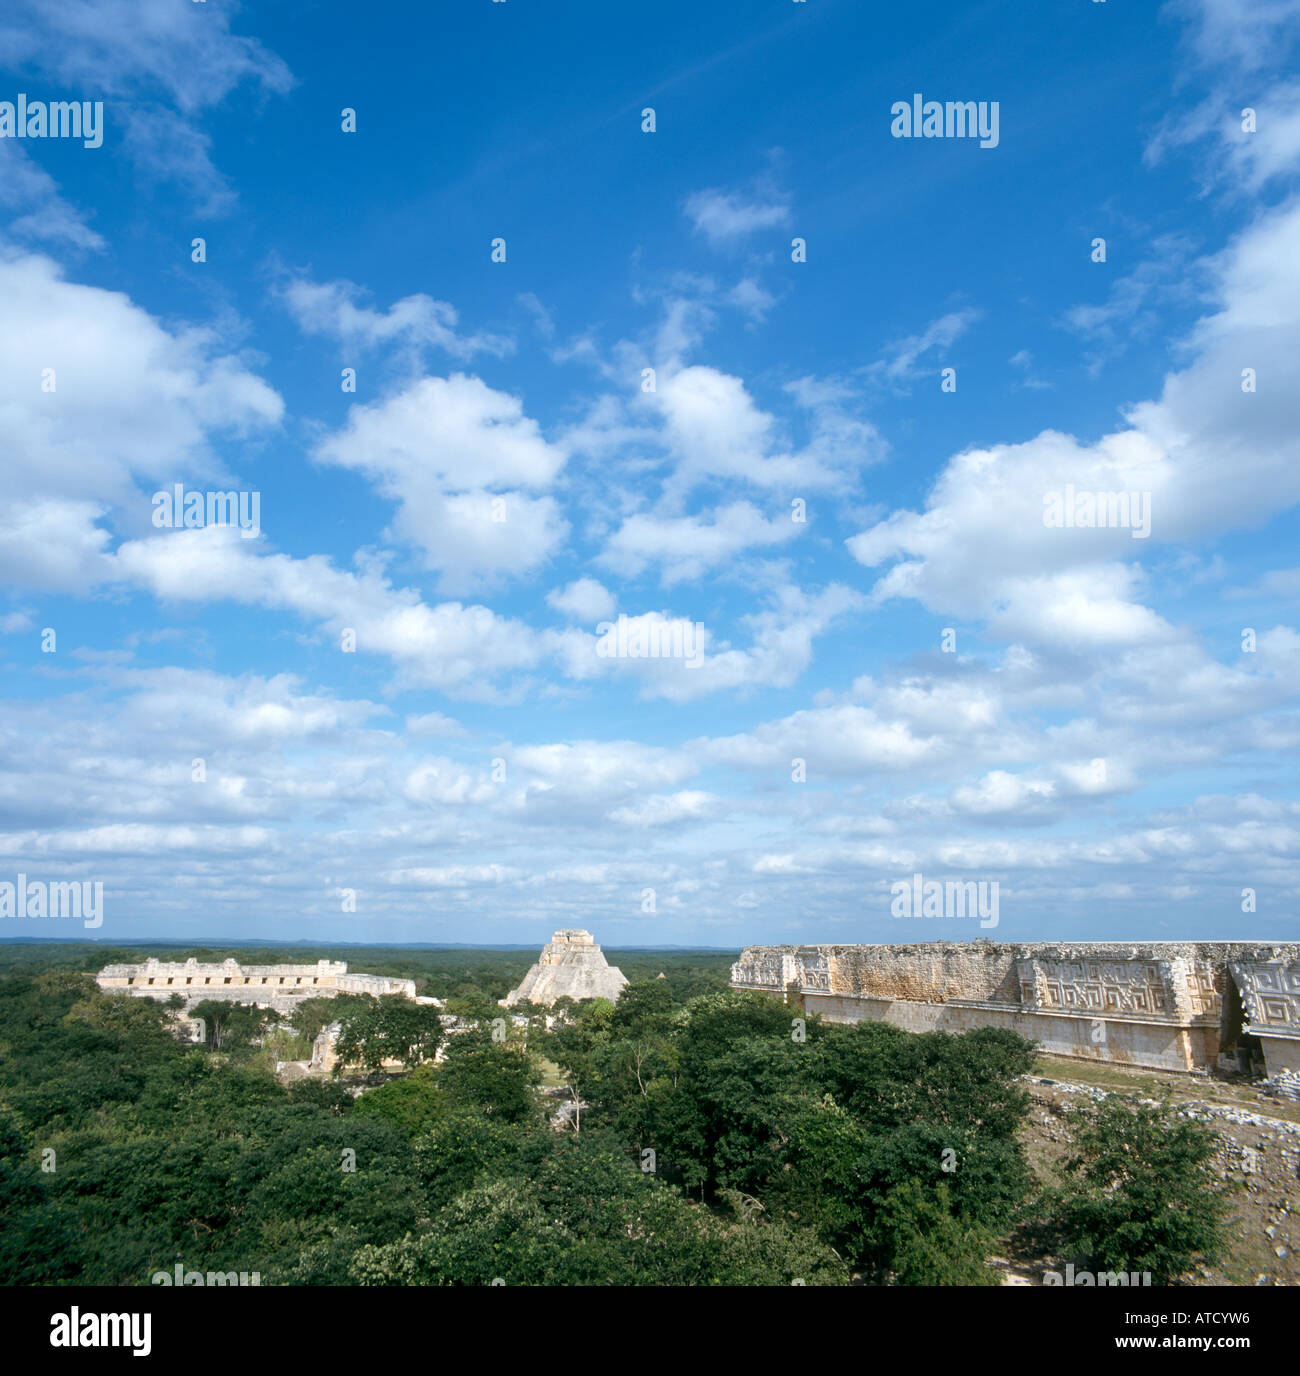 View from Great Pyramid at the Mayan Ruins of Uxmal, Yucatan Peninsula, Mexico - Stock Image